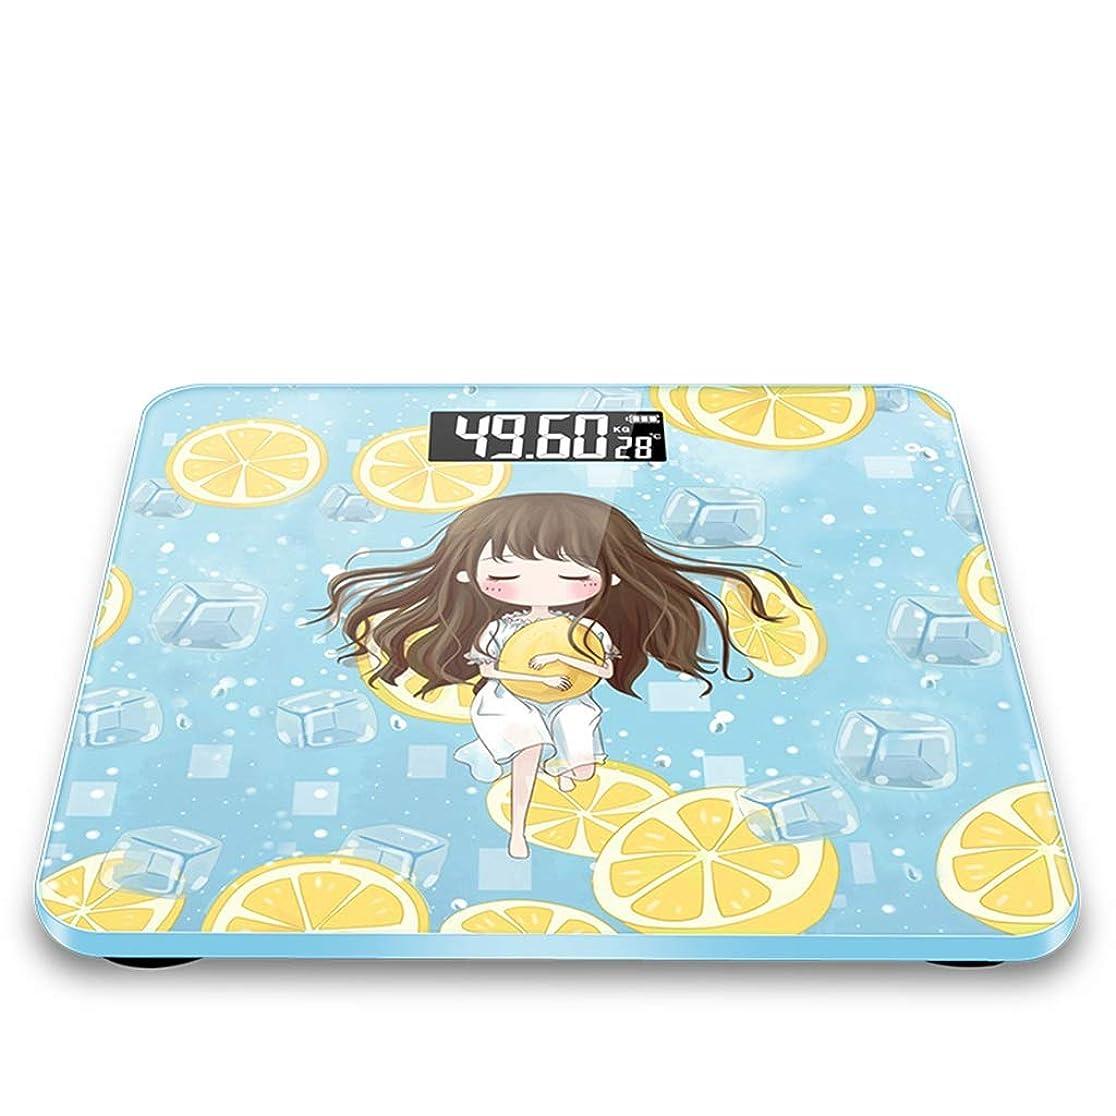 自体敬比率体重計?体脂肪計 電子スケール人間のスケール健康のスケール充電式レモンの女の子側ポータブル強化ガラス (Color : Blue, Size : 28 * 2cm)